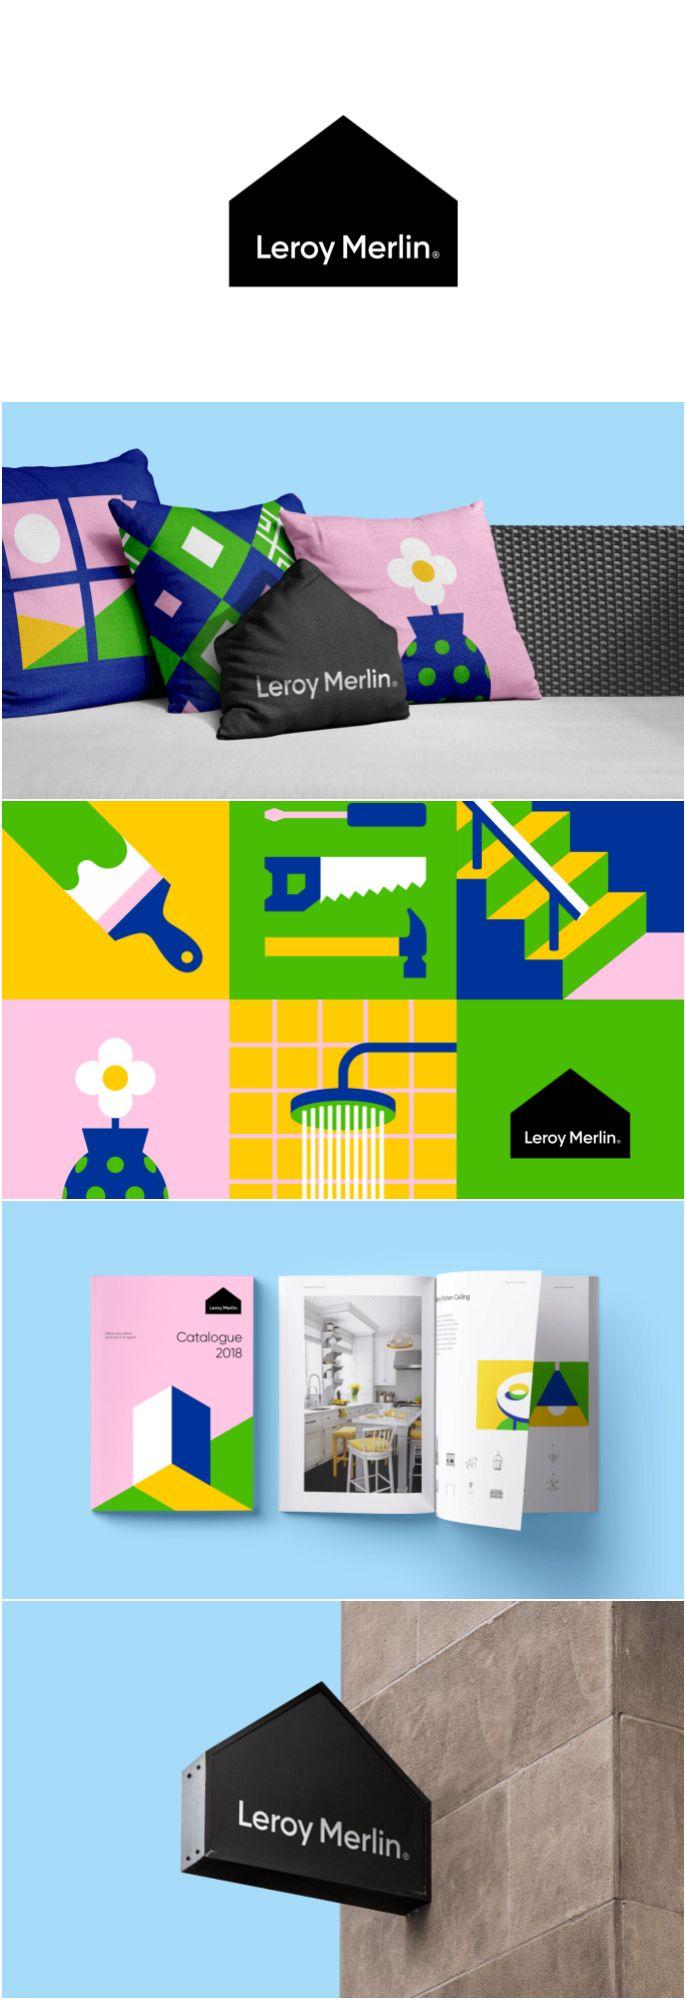 Rebranding Freelancer Concept For French International Retailer Leroy Merlin World Brand Design Rebranding Branding Design Brand Packaging